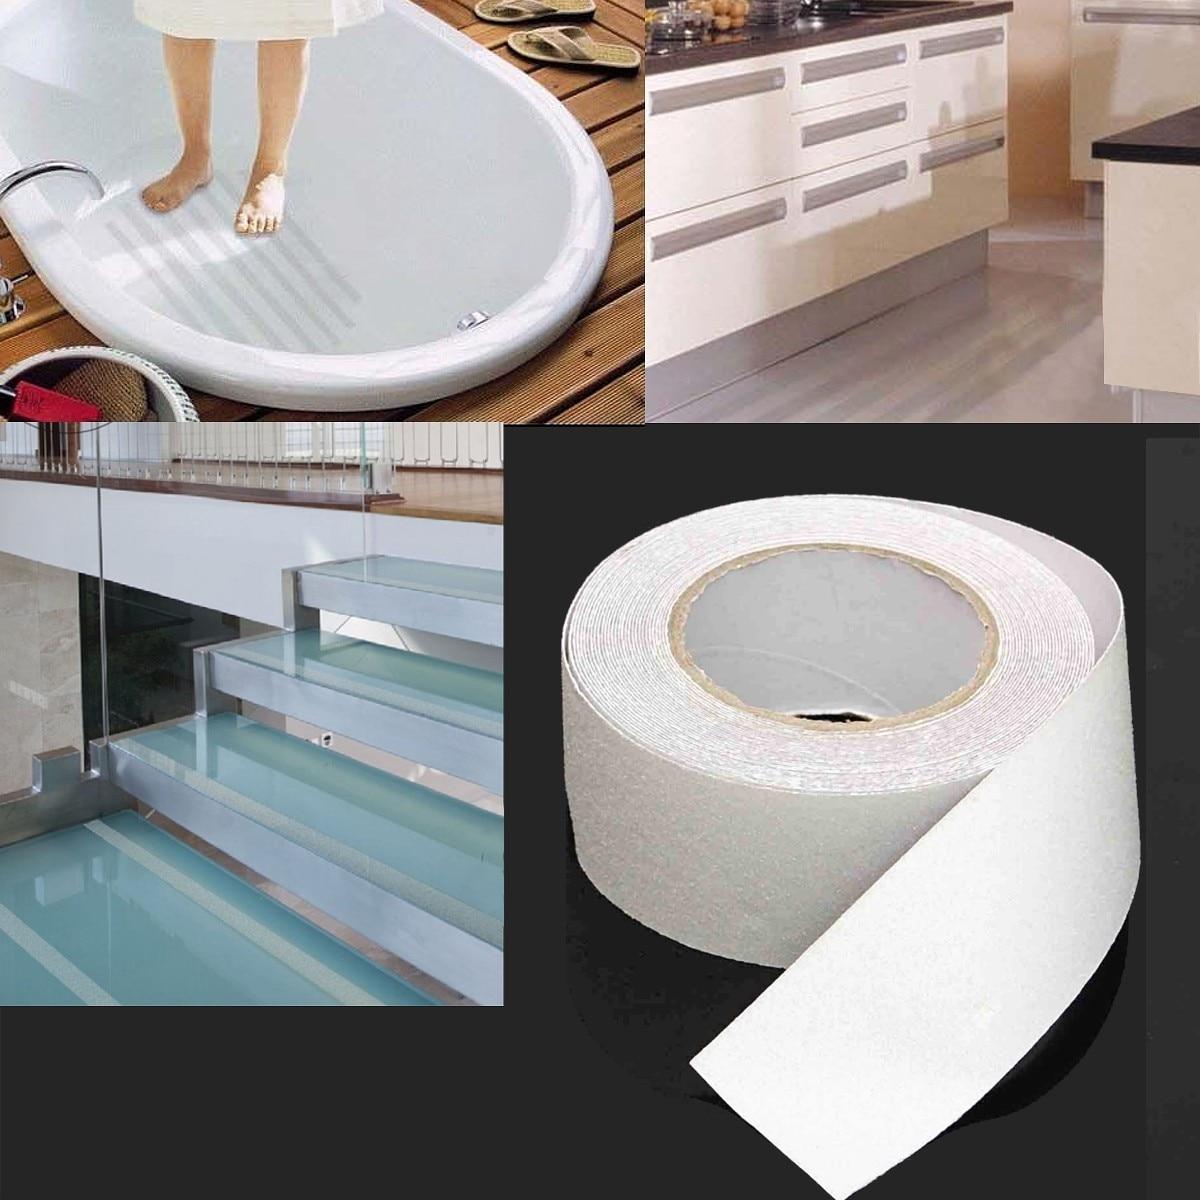 1 Roll 10M Anti Slip Tape Adhesive Tape Waterproof Kids Stairs Floor Shower Room Bathtub Kitchen No Slip Tape PVC White